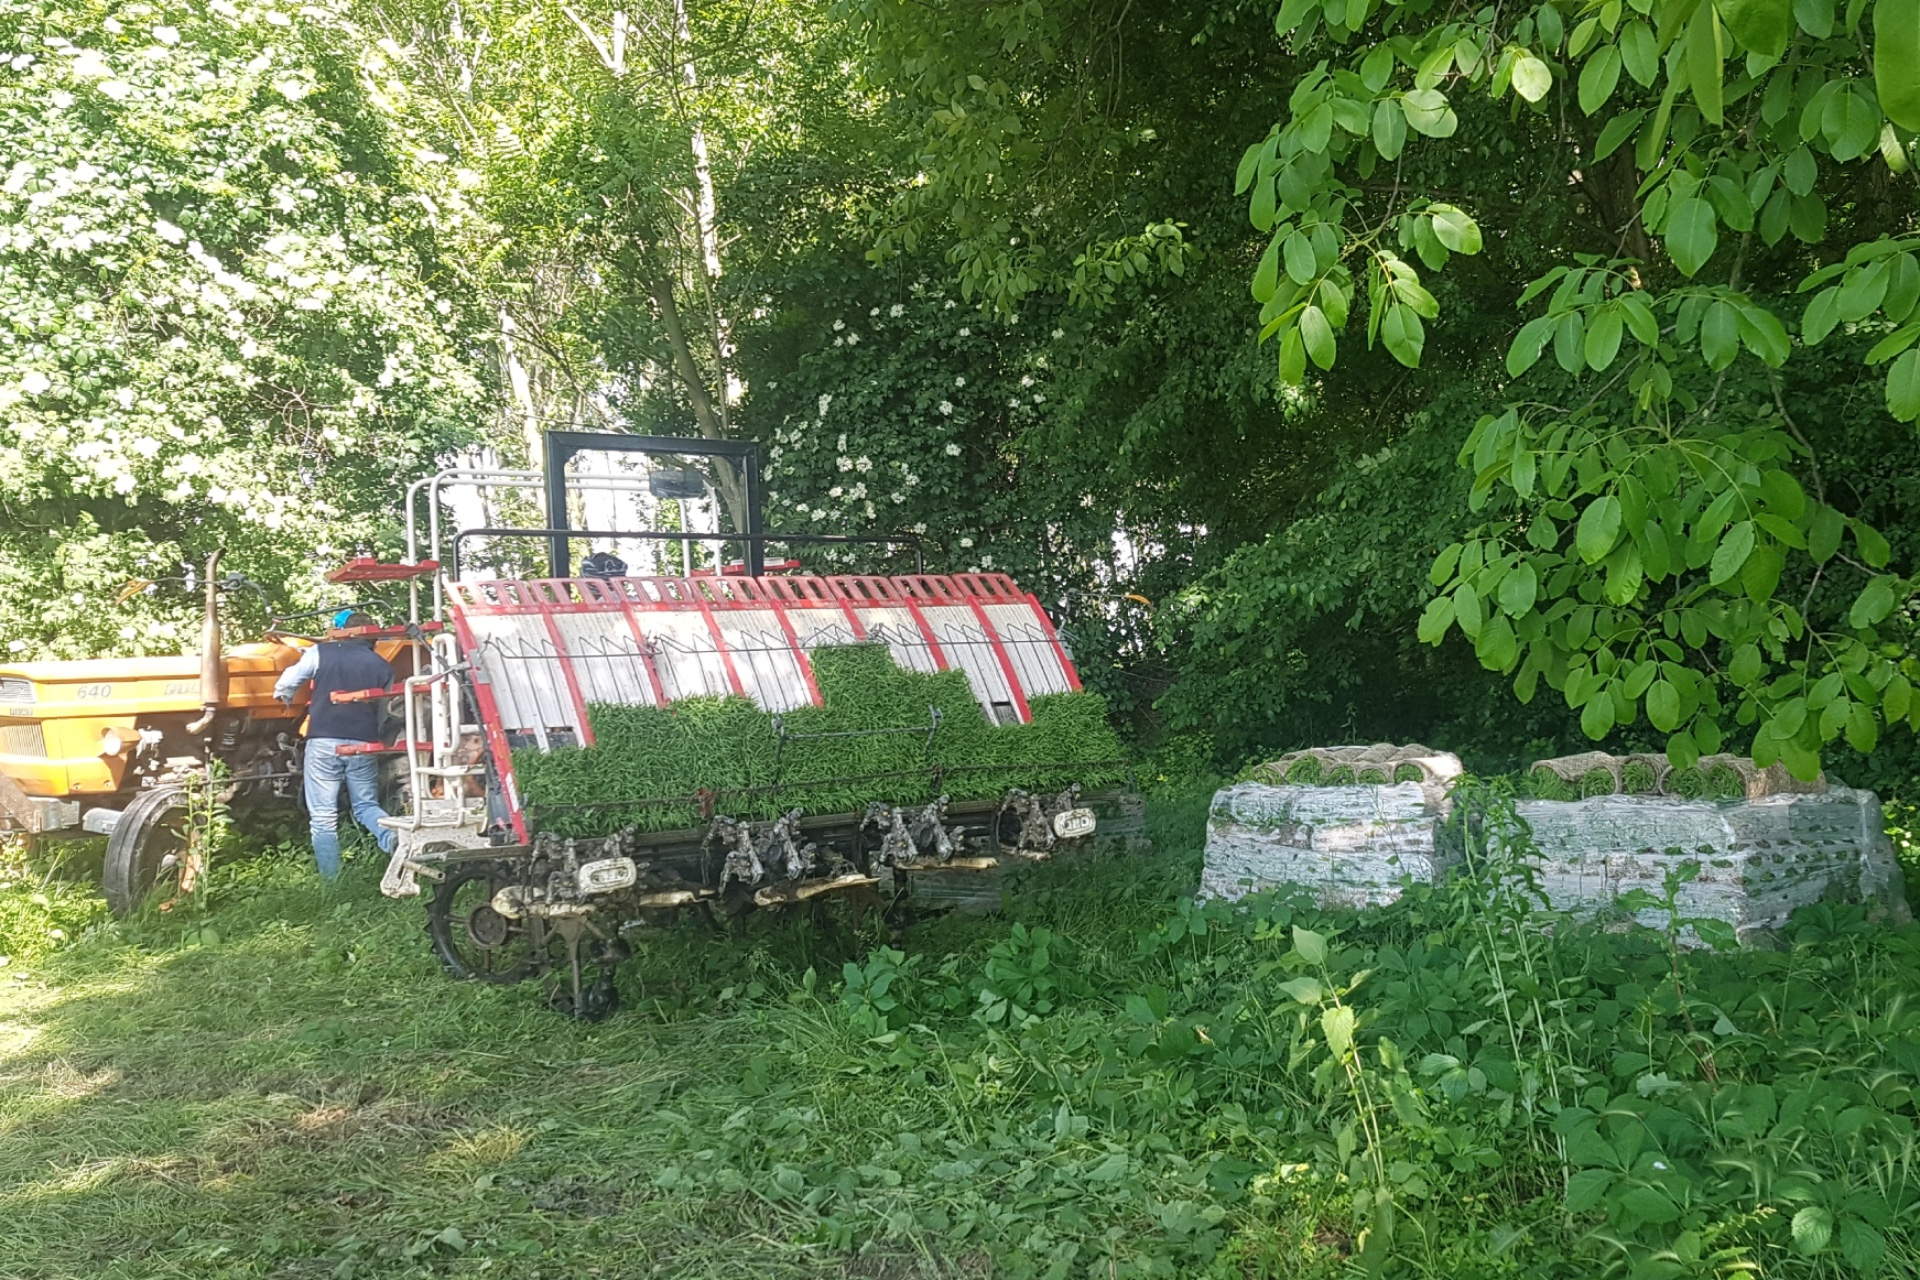 In primo piano un prato, a metà immagine, da sinistra a destra: un trattore giallo, un macchinario per il trapianto meccanico del riso, due cataste ordinate di zolle contenenti le piantine di riso da trapiantare. Sullo sfondo un bosco di latifoglie verdi.